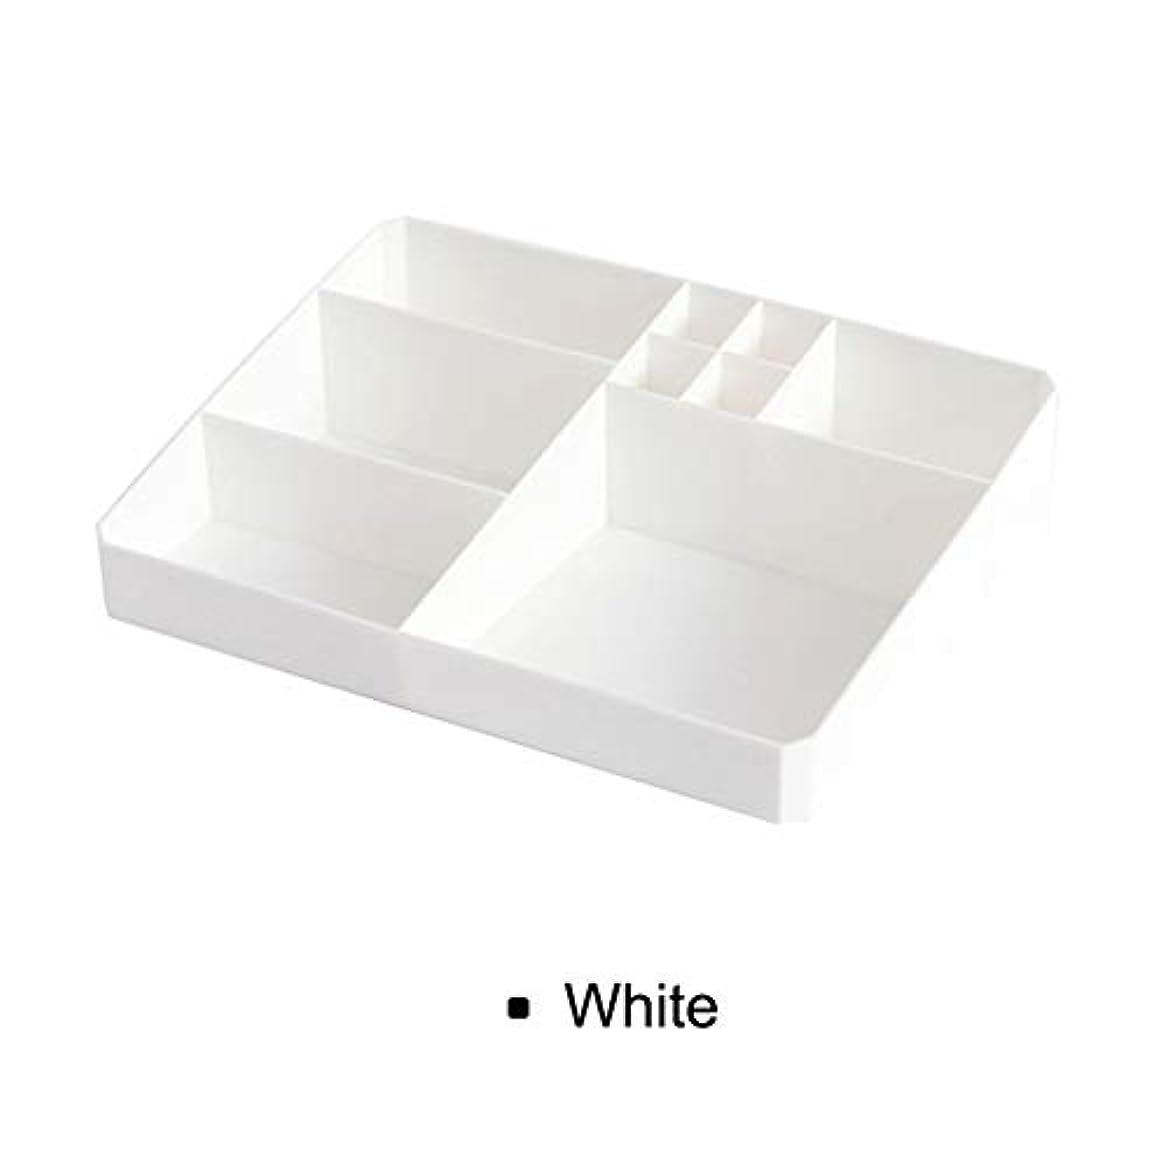 忘れる証書矛盾するPaulcans 化粧ポーチ メイクボックス 多機能化粧品オーガナイザーメイクアップディスプレイケースプラスチック大容量収納ボックス